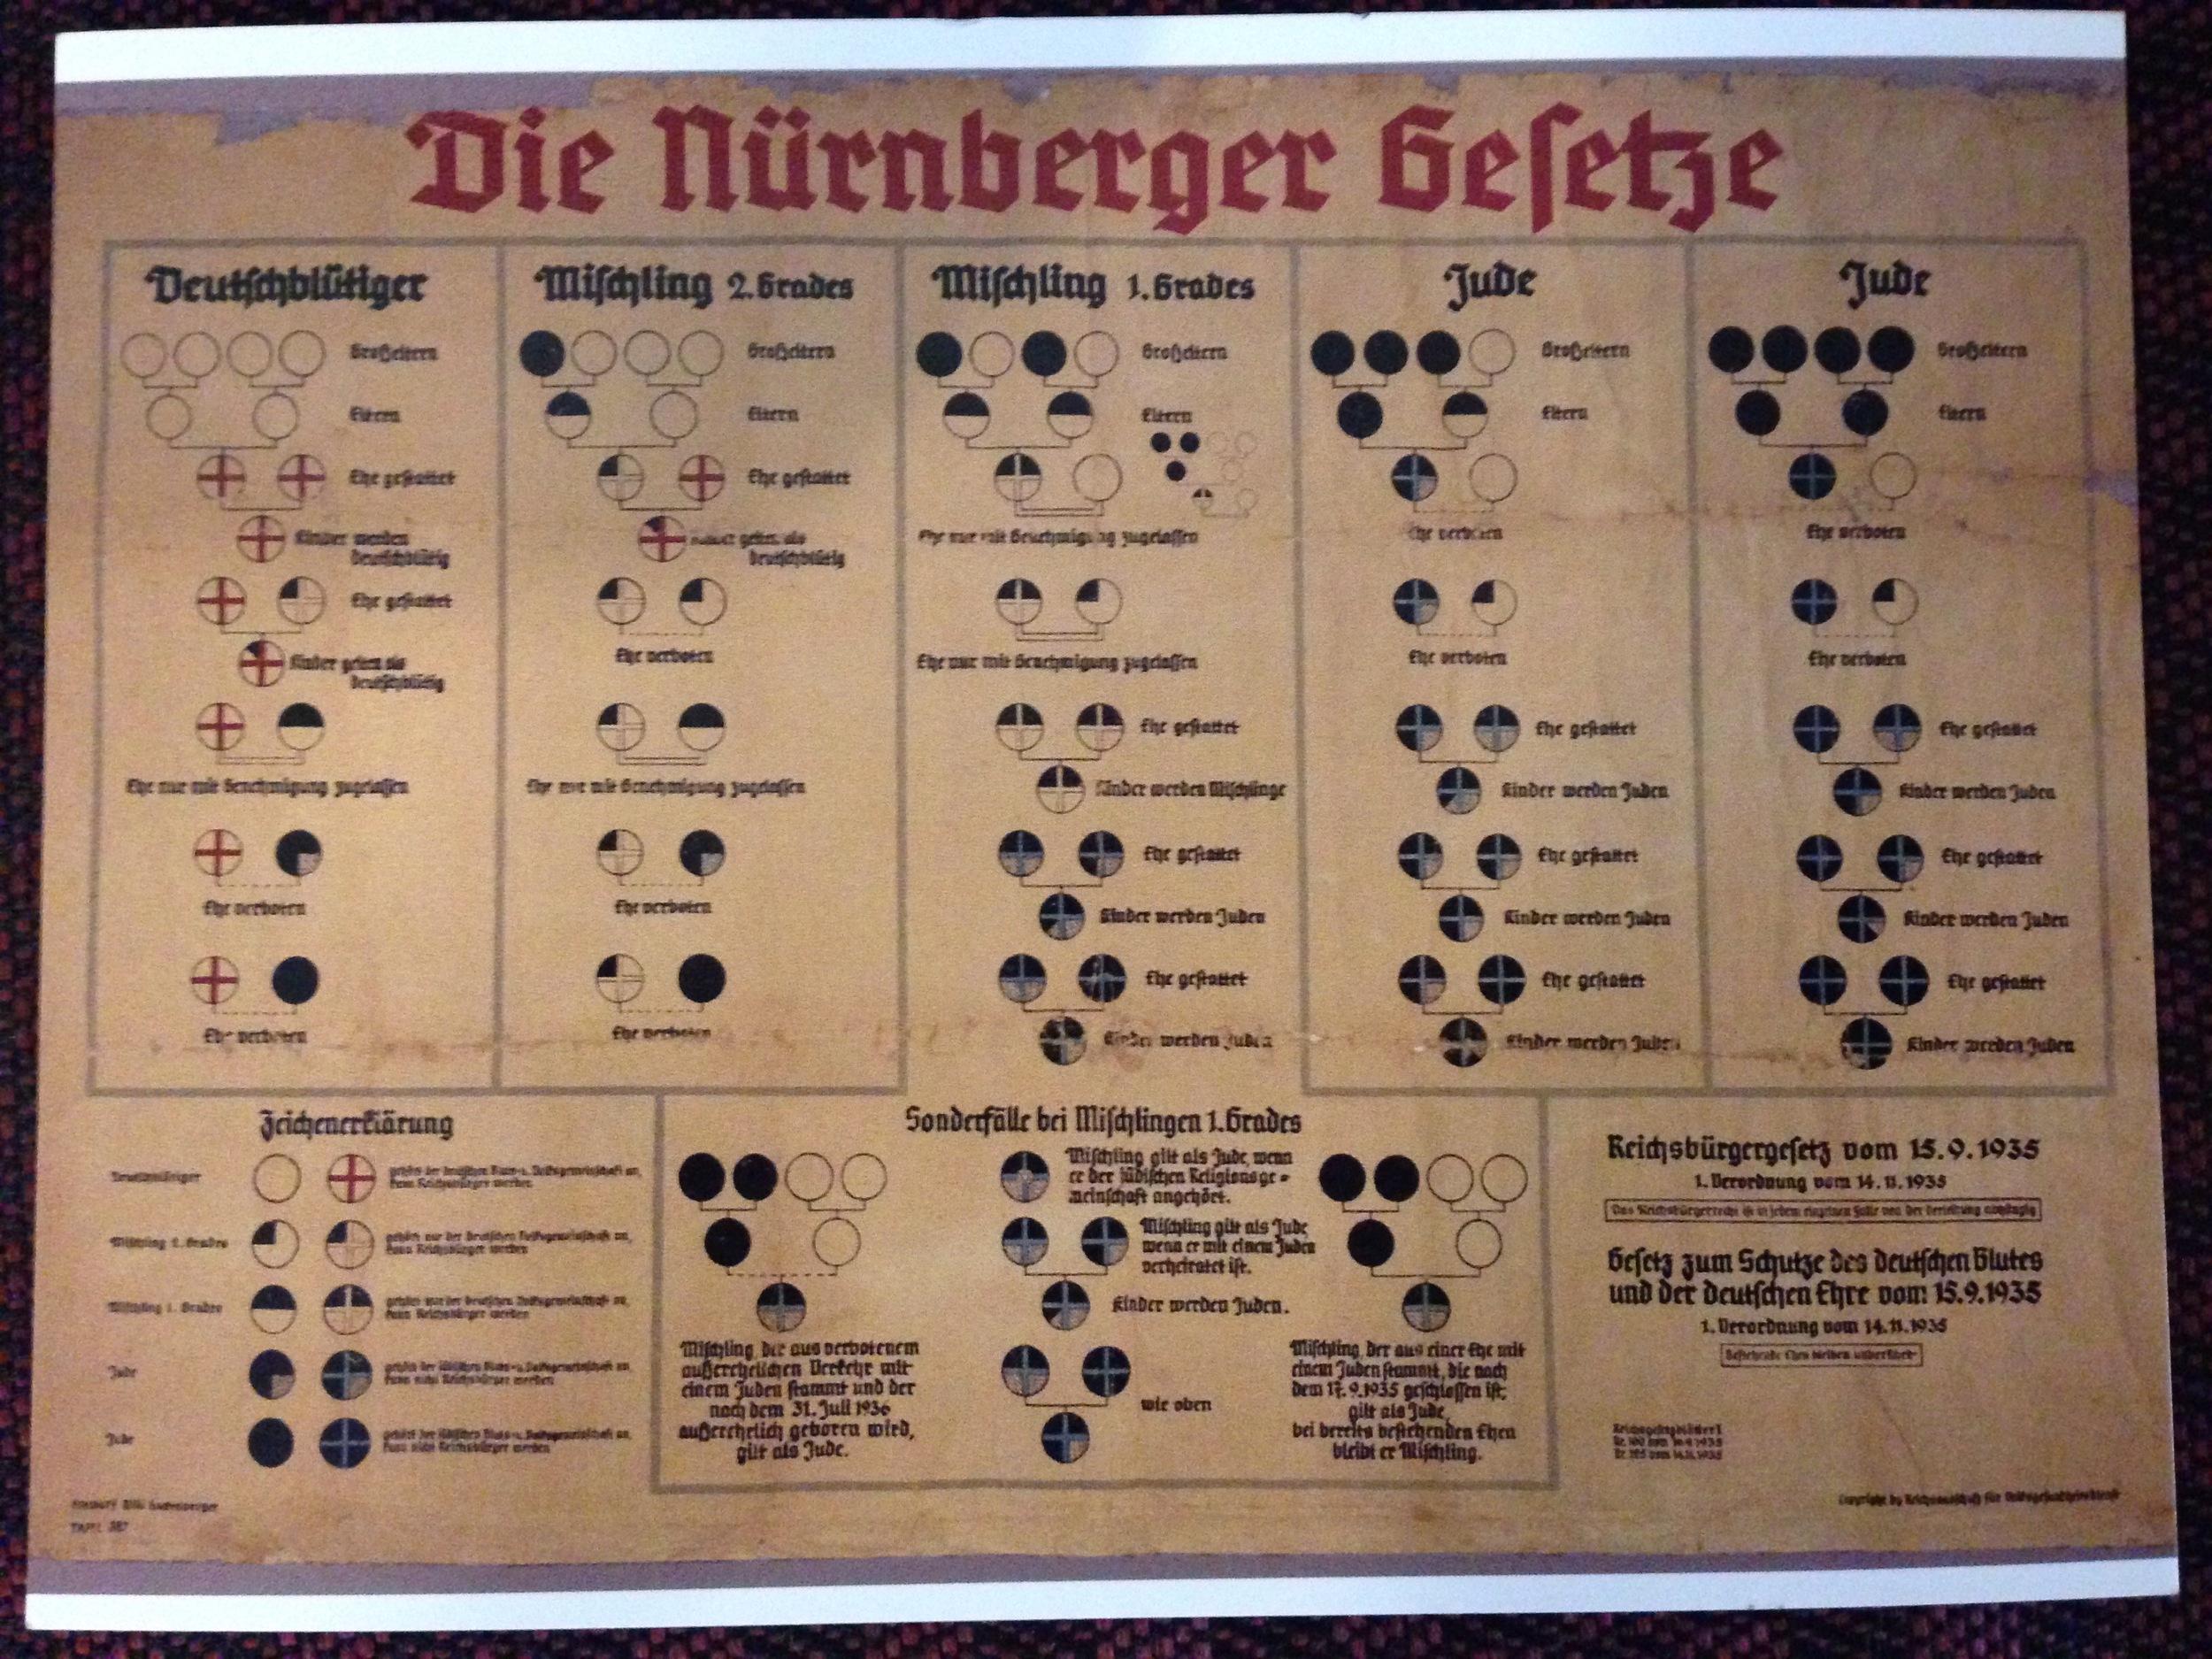 Die Nürnberger Gesetze – The Nürnberg Laws